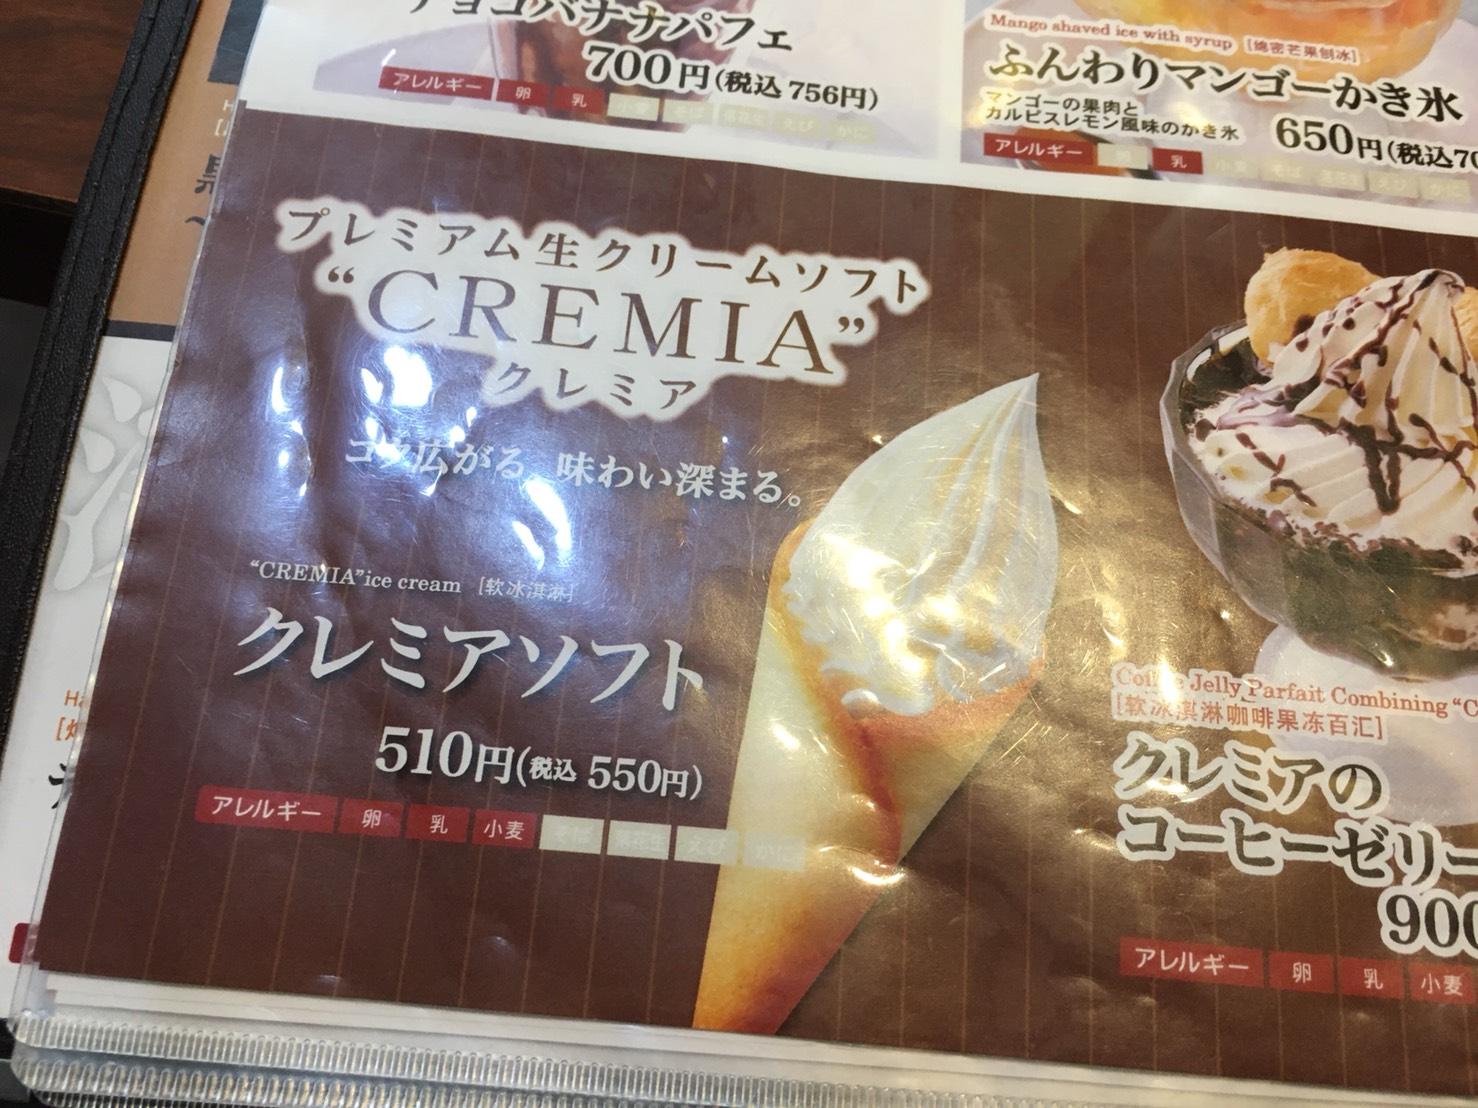 【上野駅】上野と言えば!の「じゅらく」で洋食とパンダパンケーキのクレミアソフトのメニュー